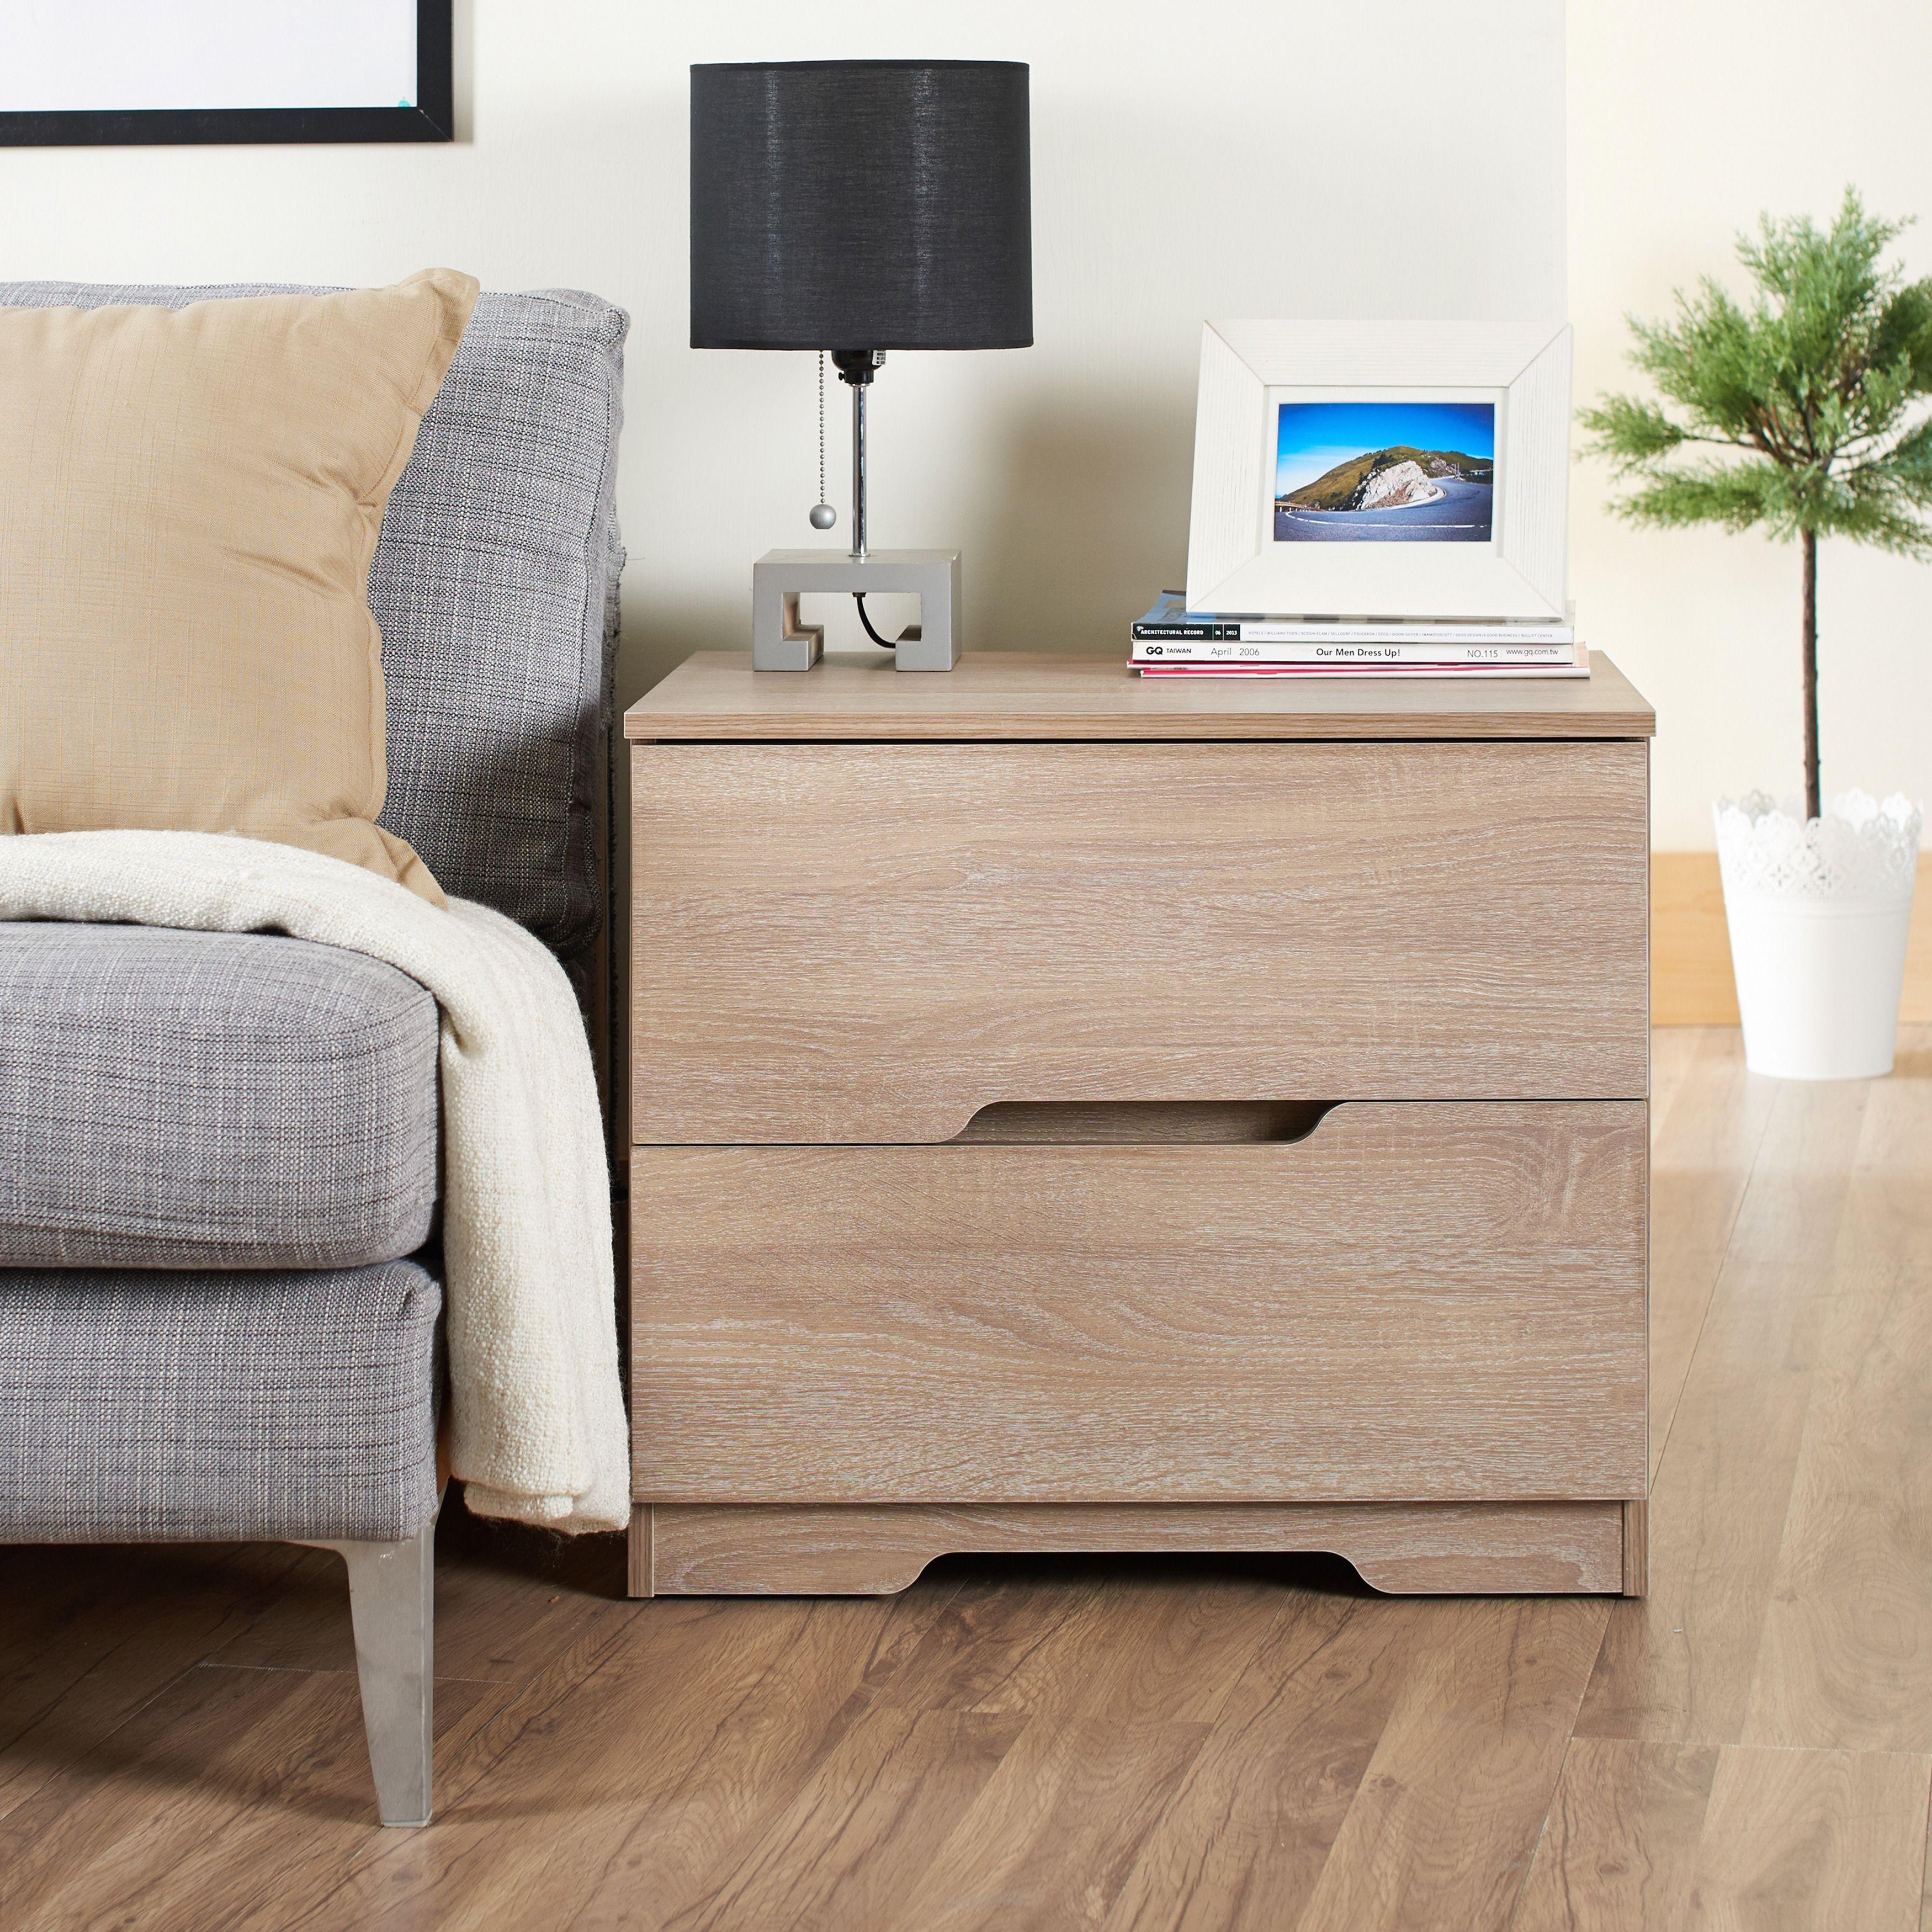 Furniture of America Brinden Modern Nightstand